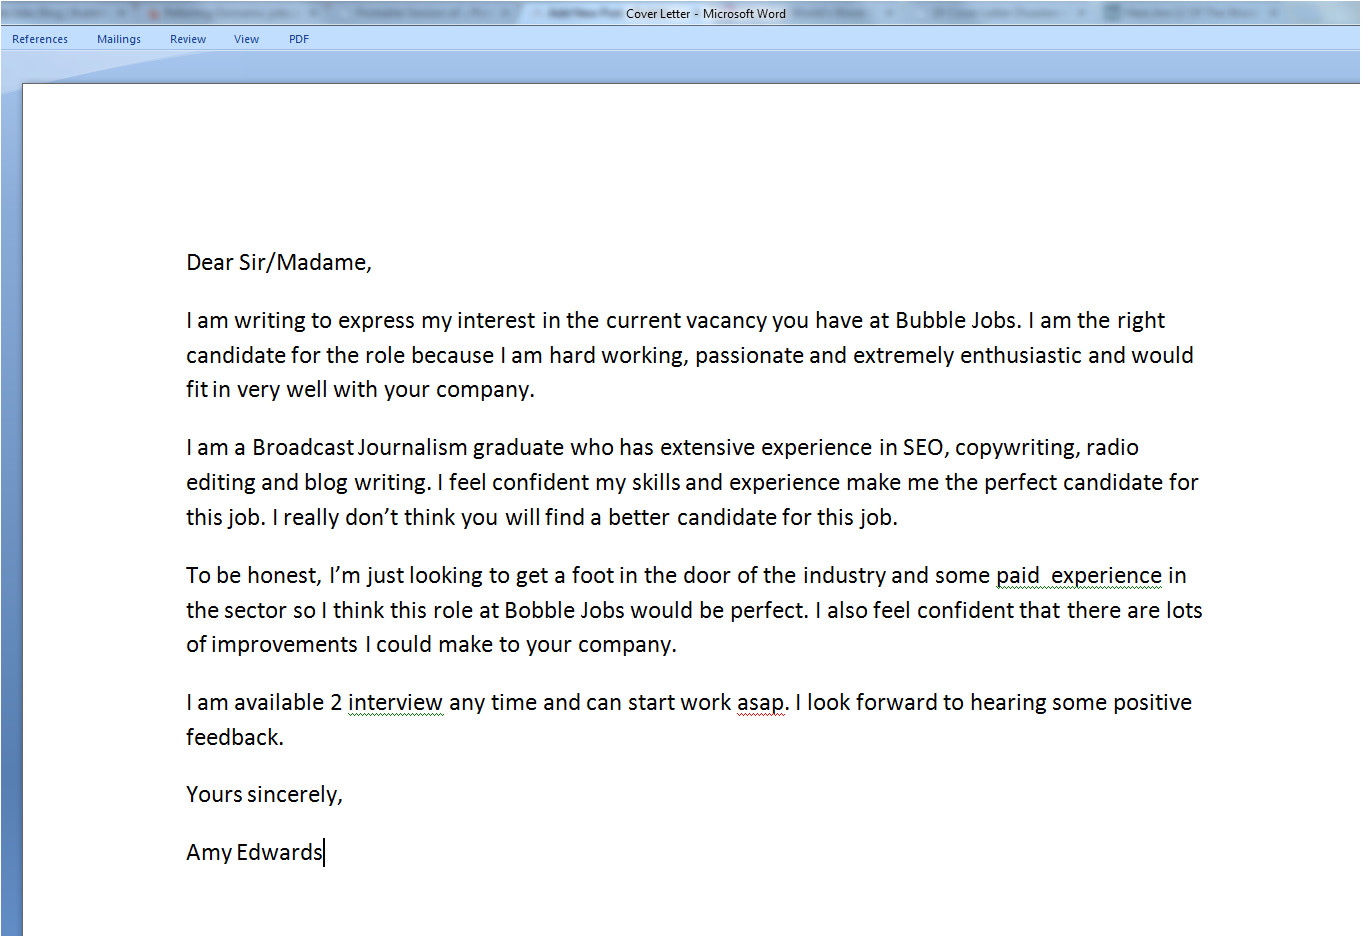 covering letter applying for job